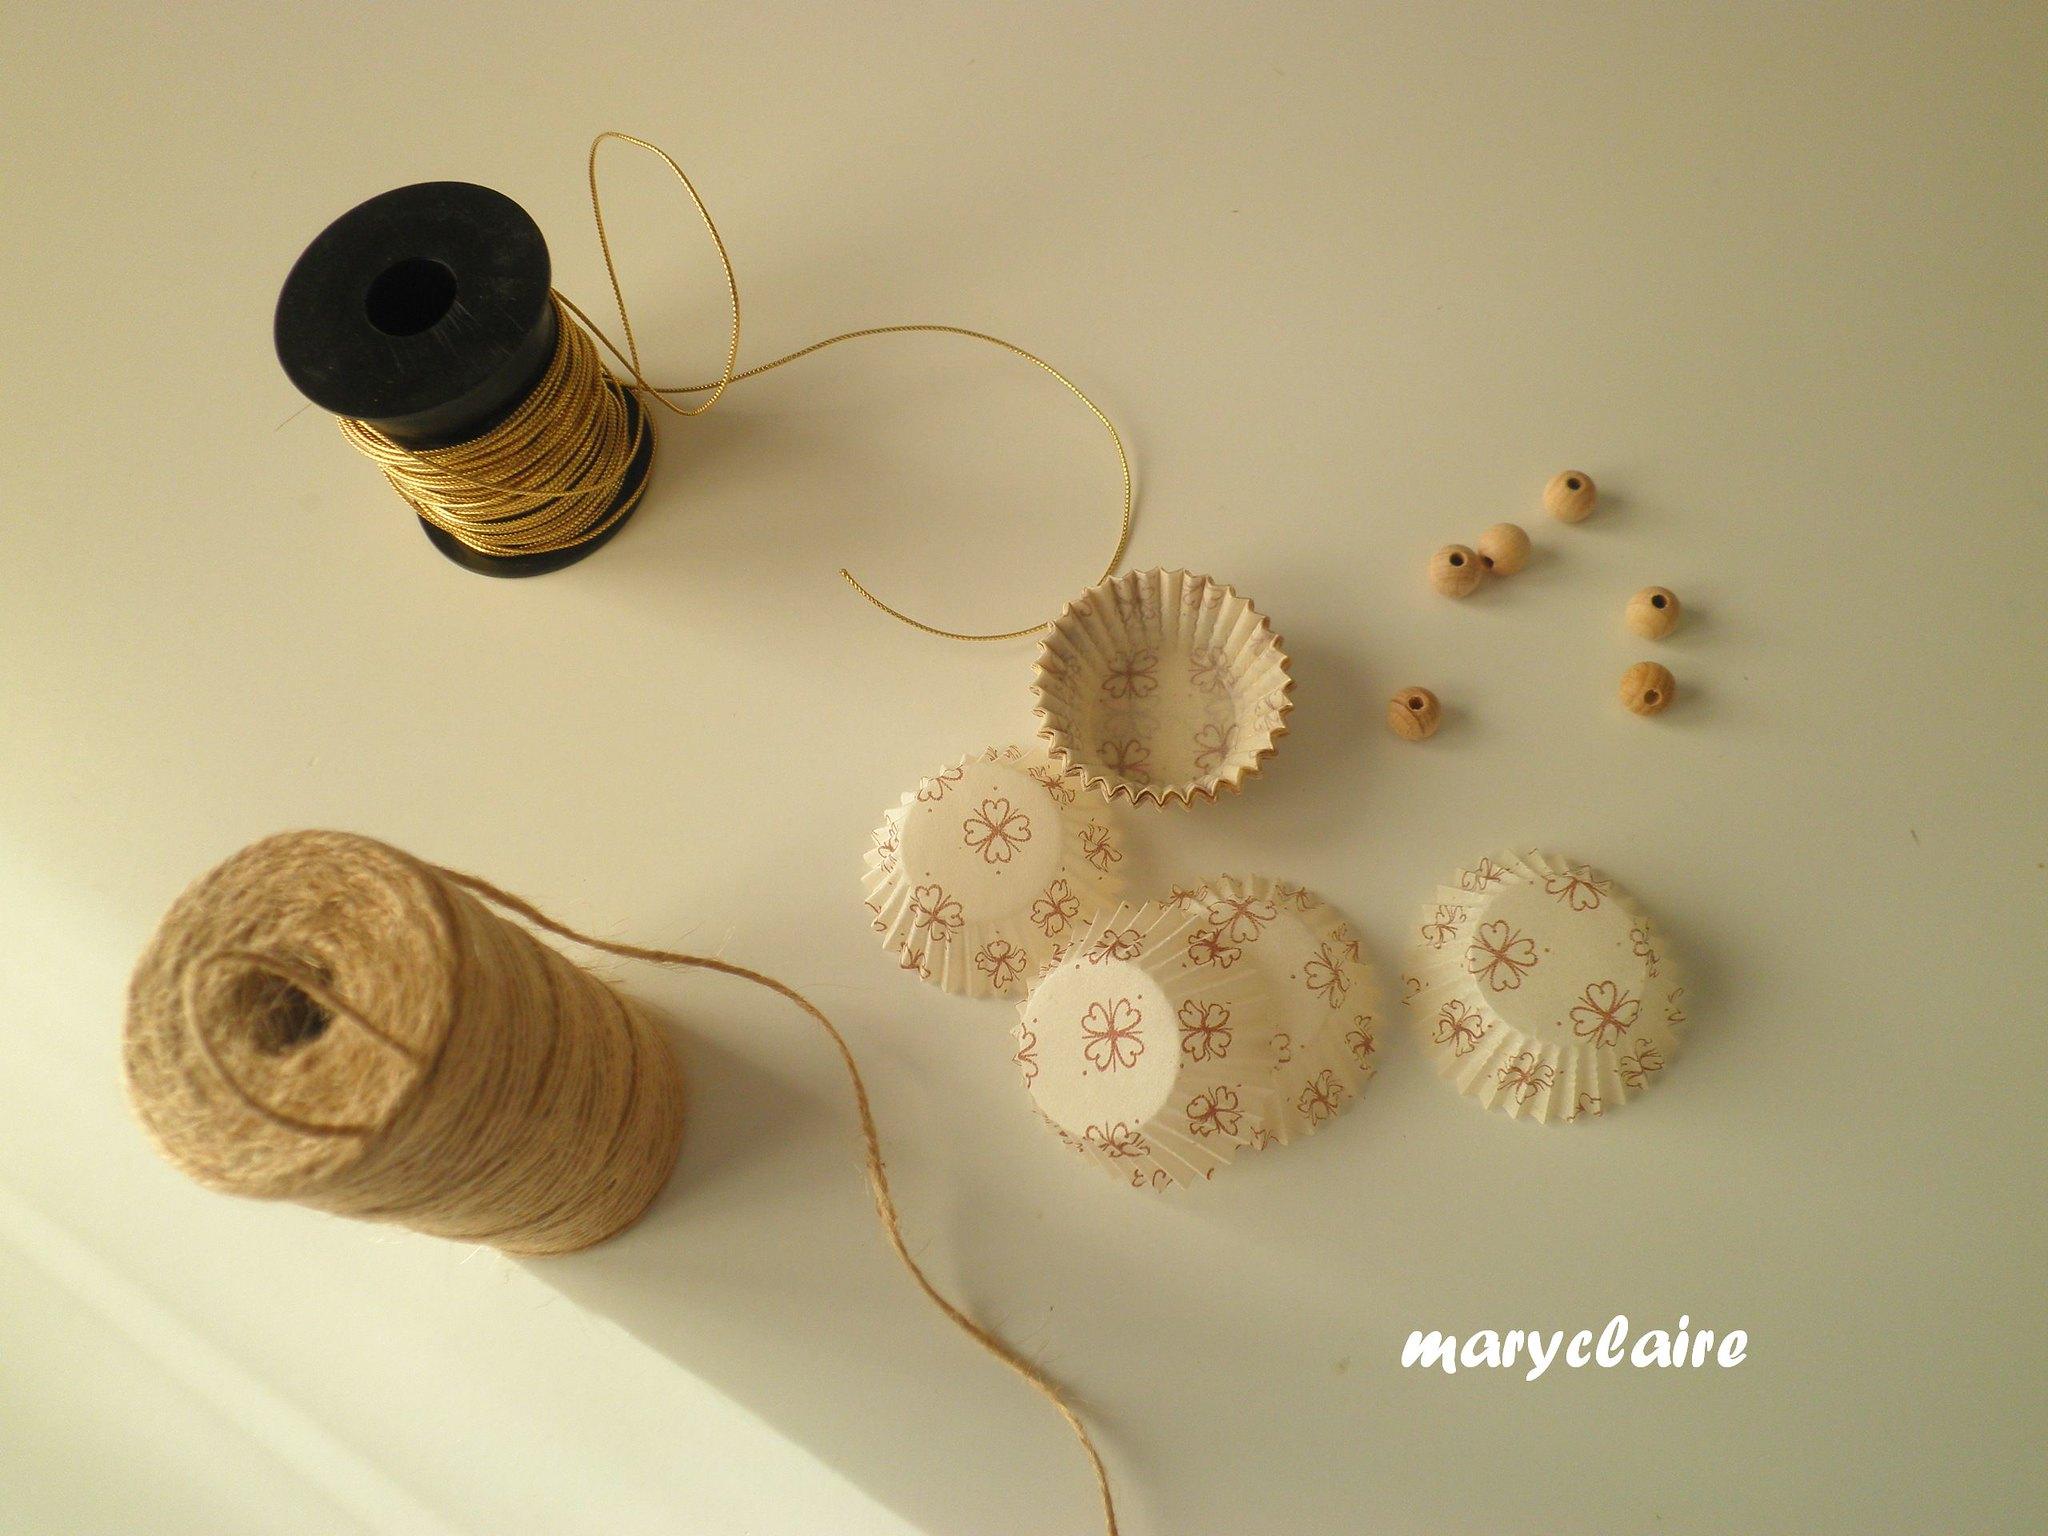 materiali angioletti con pirottini